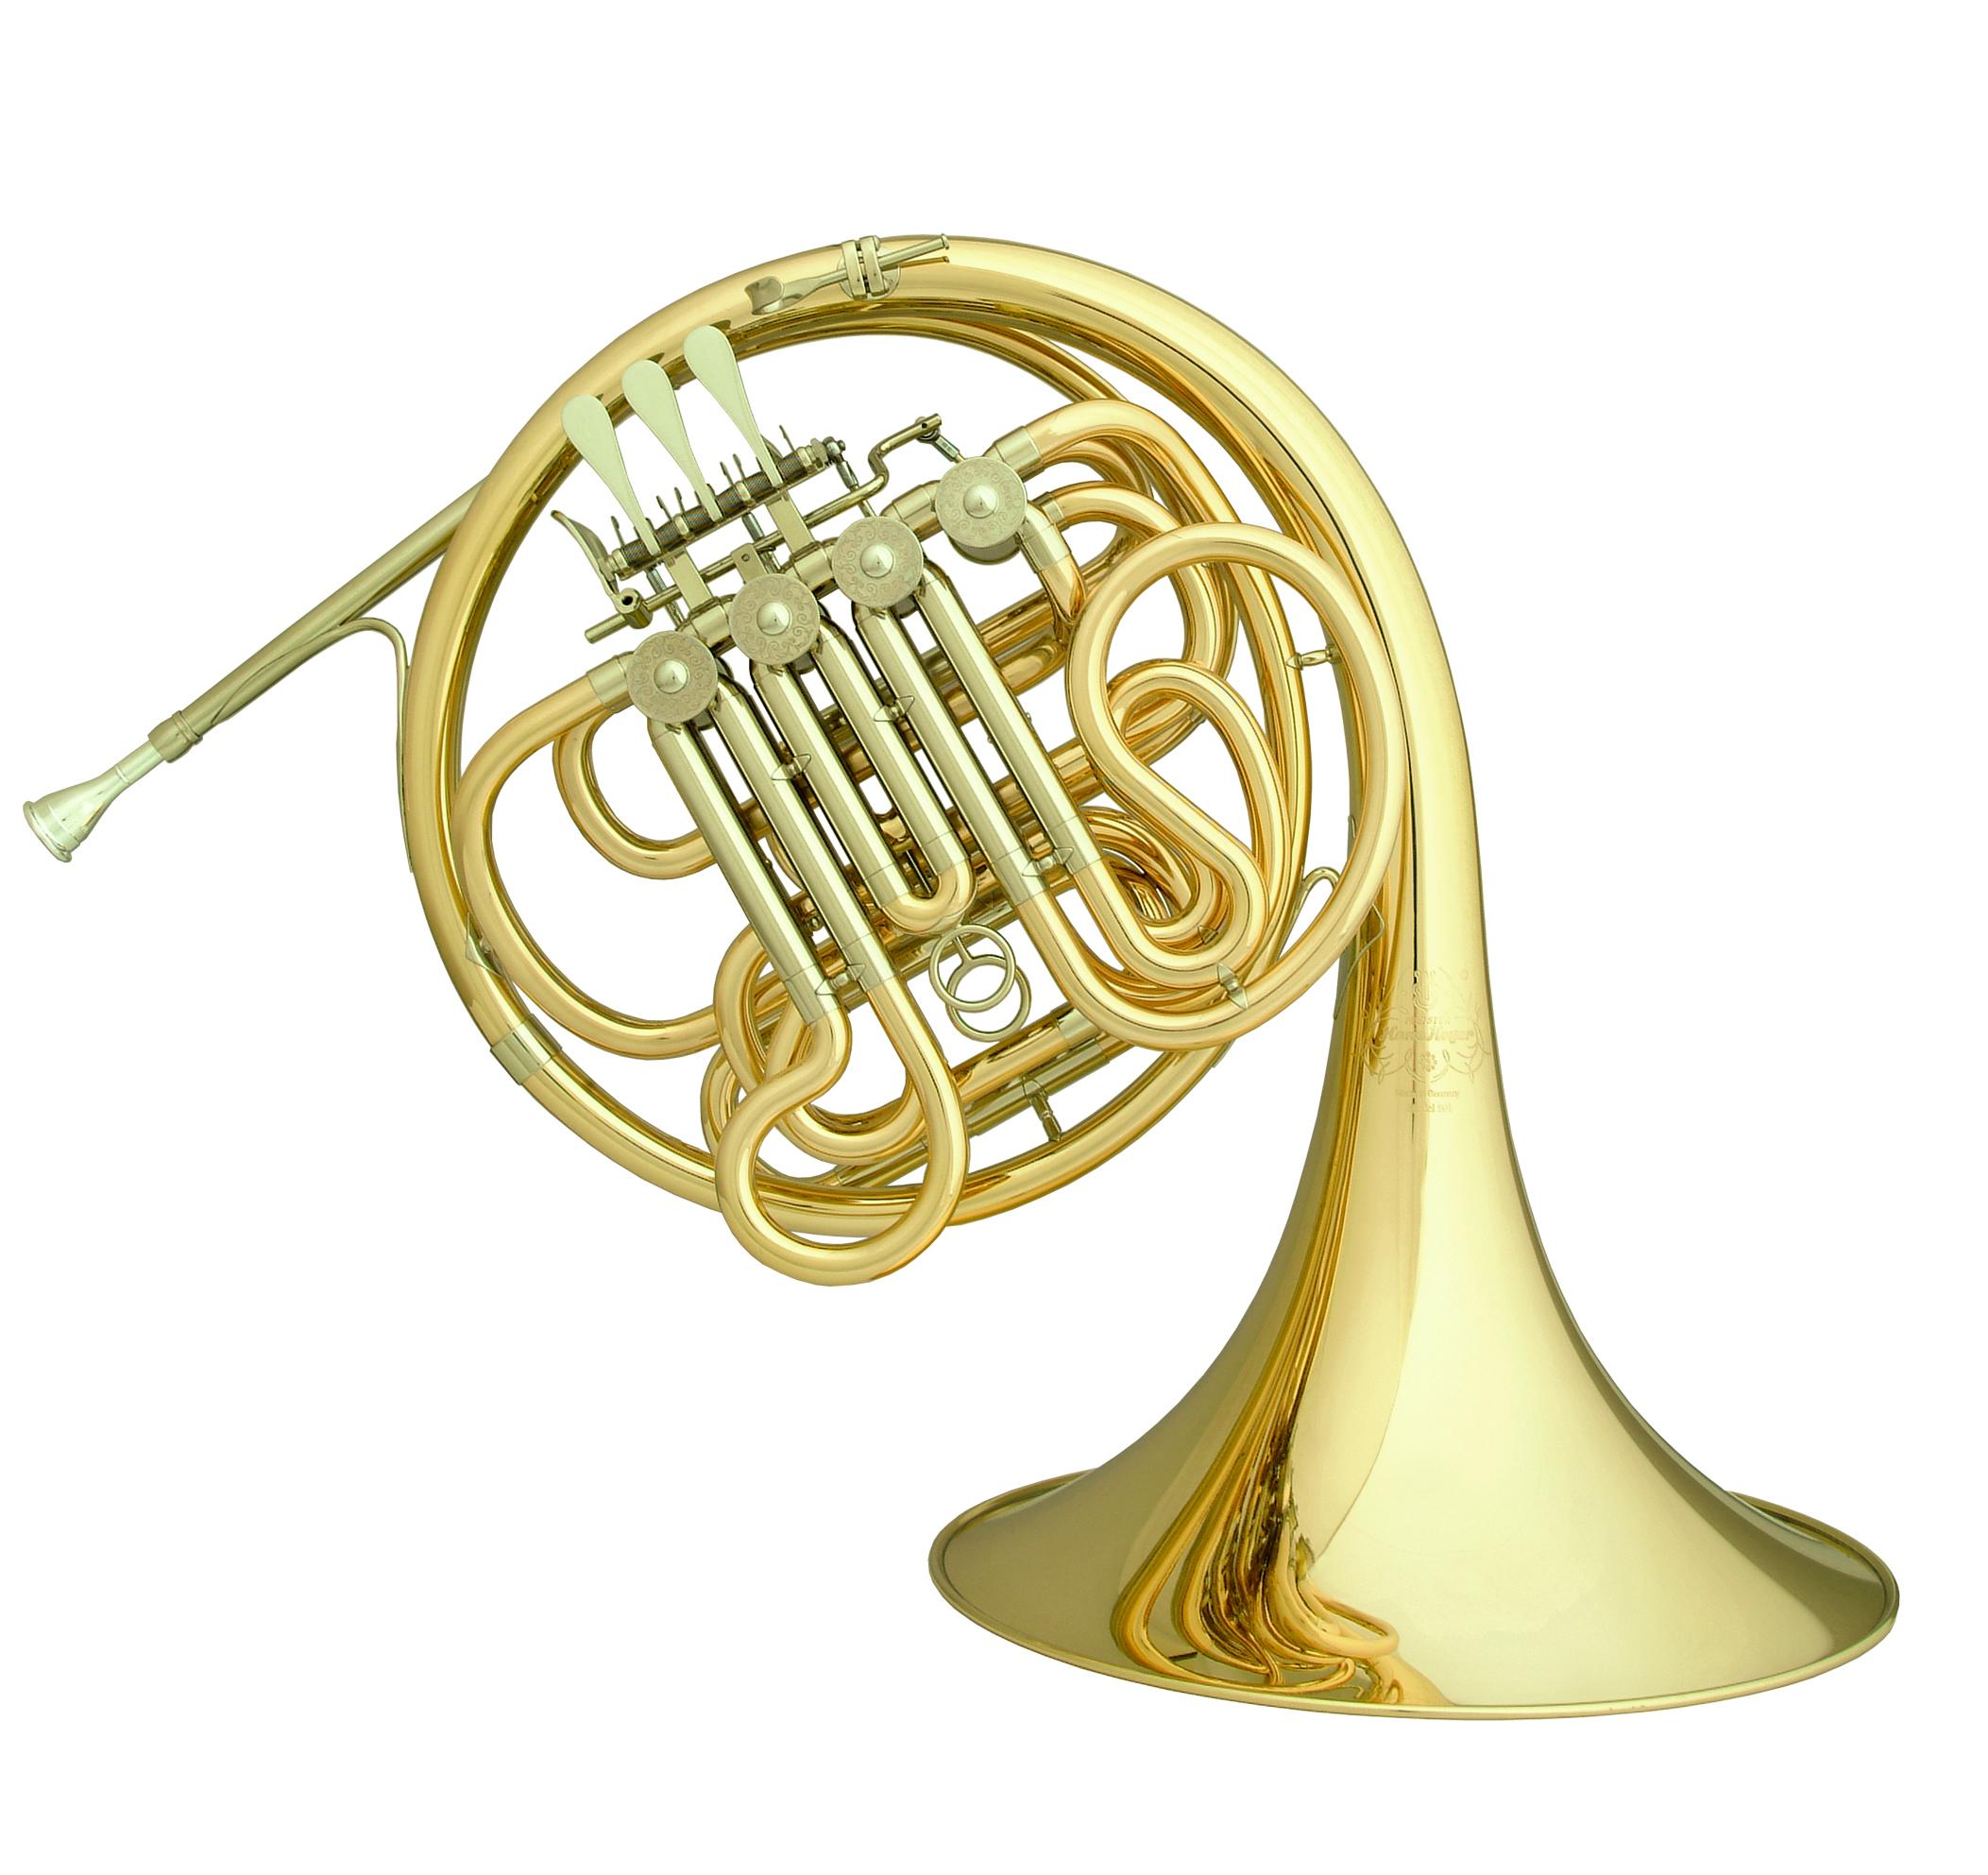 Hoyer - HH-801-1-0 - Blechblasinstrumente - Hörner | MUSIK BERTRAM Deutschland Freiburg